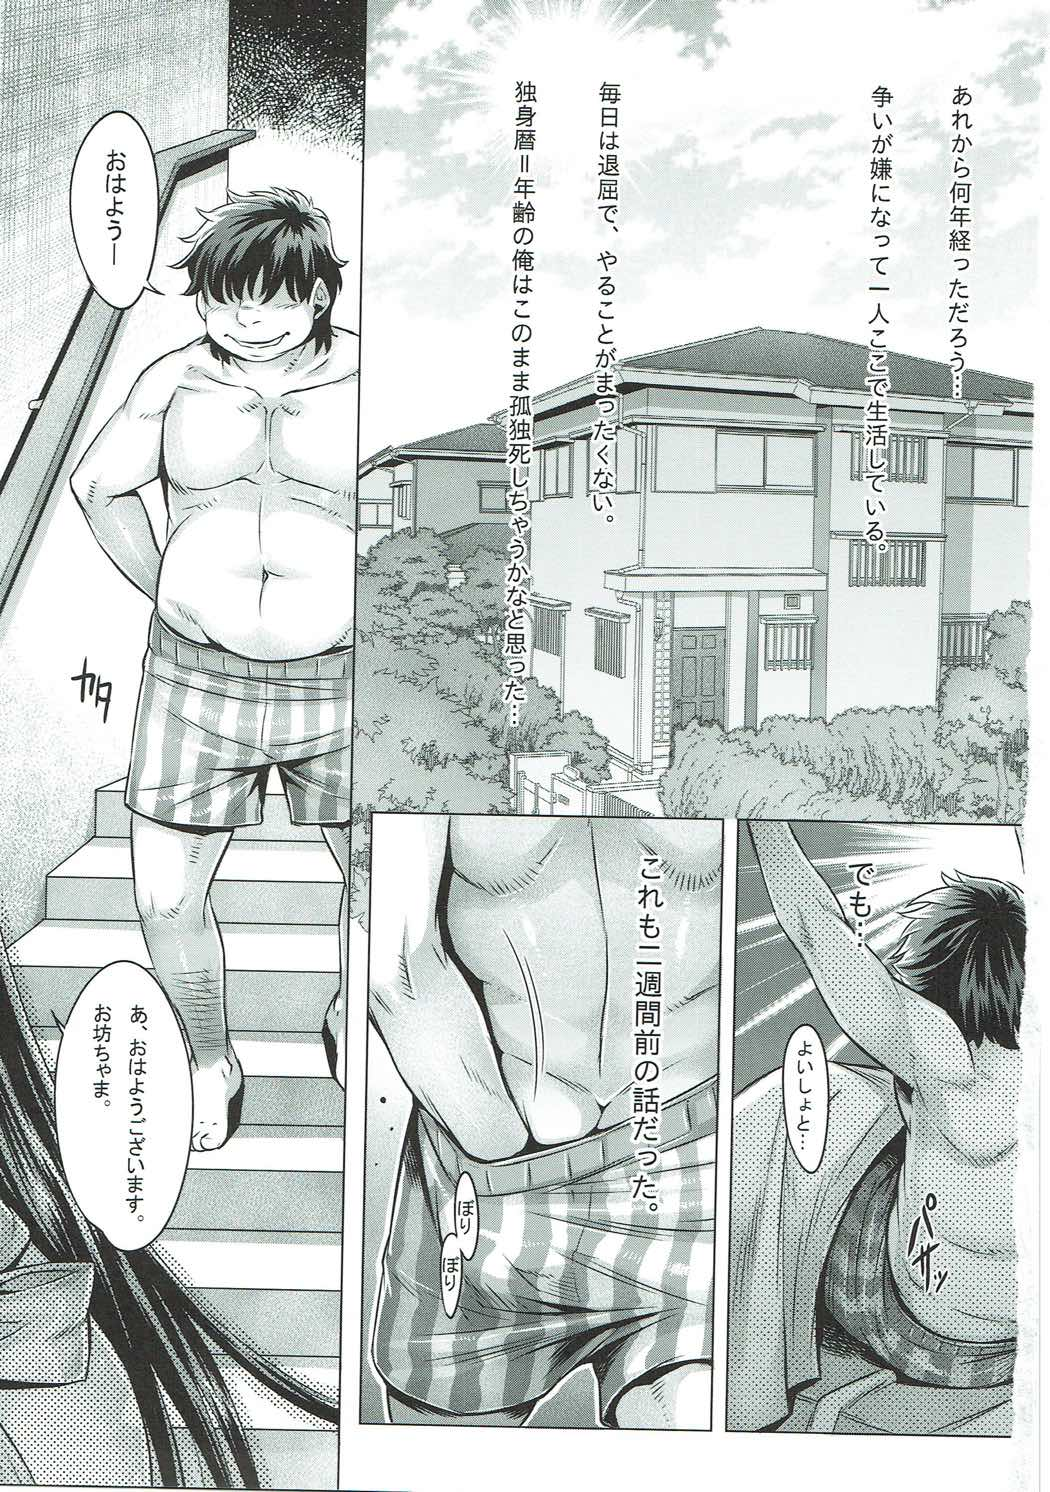 【エロ漫画】朝から晩まで頼光ママにご奉仕されまくりないちゃラブ同棲性活www